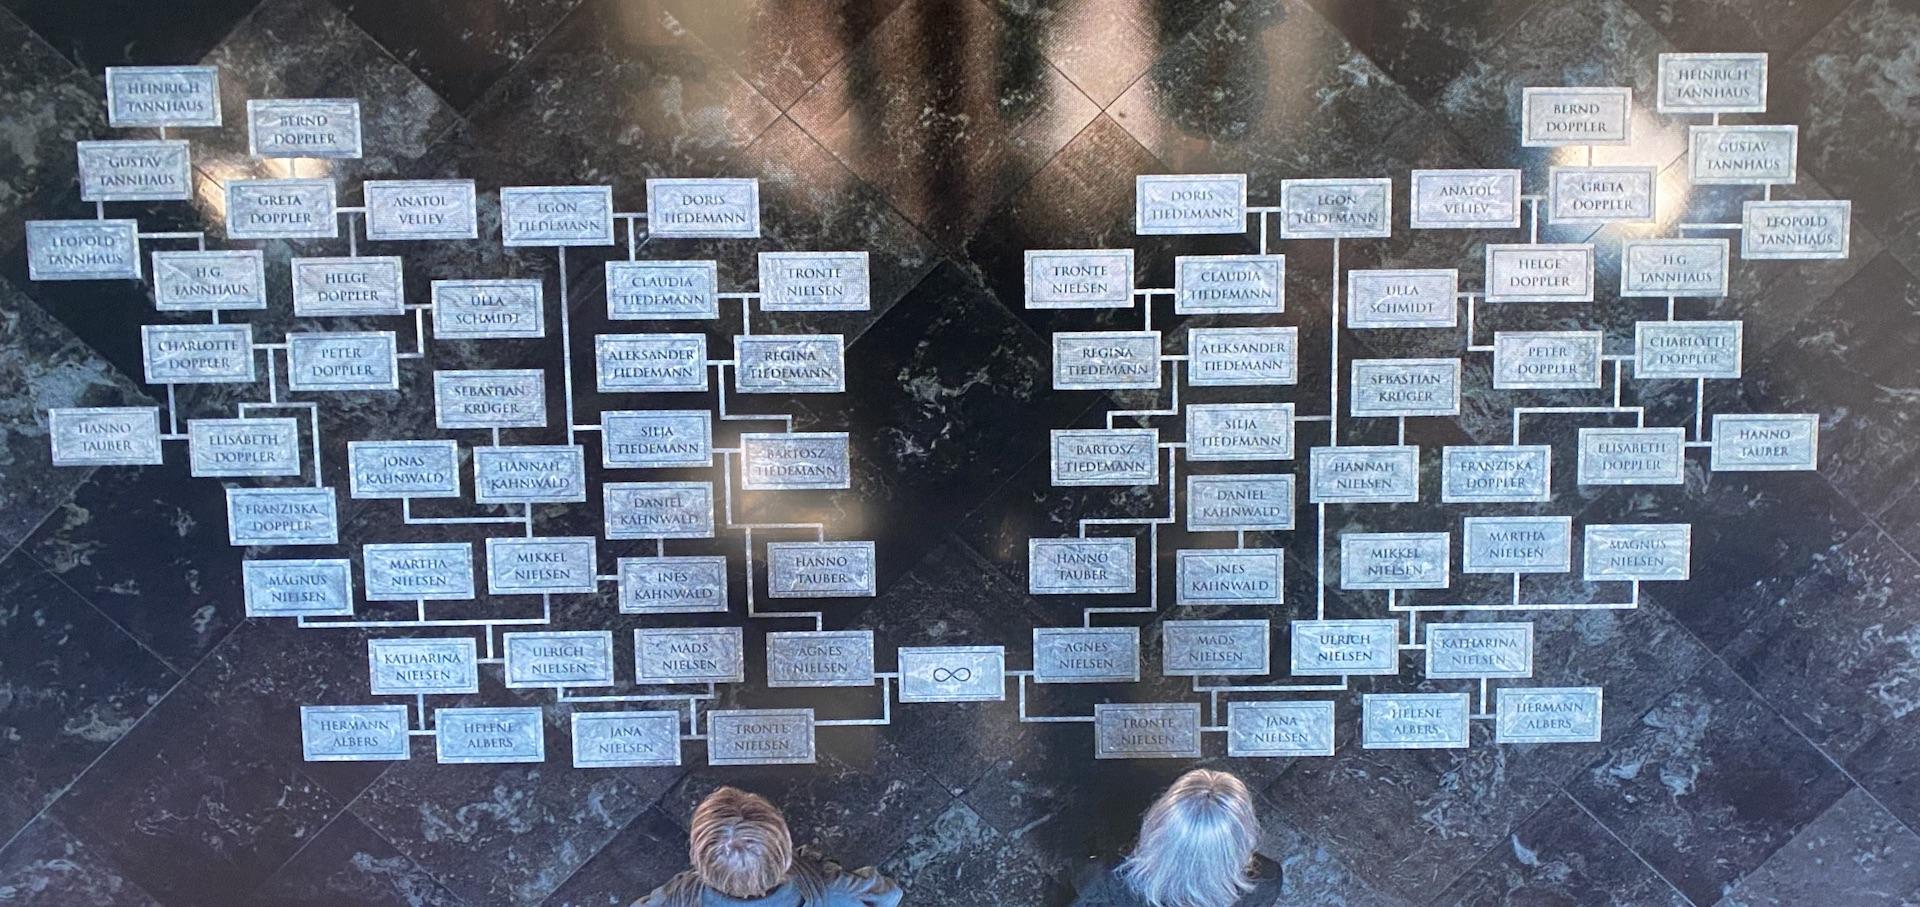 dark drzewo genealogiczne